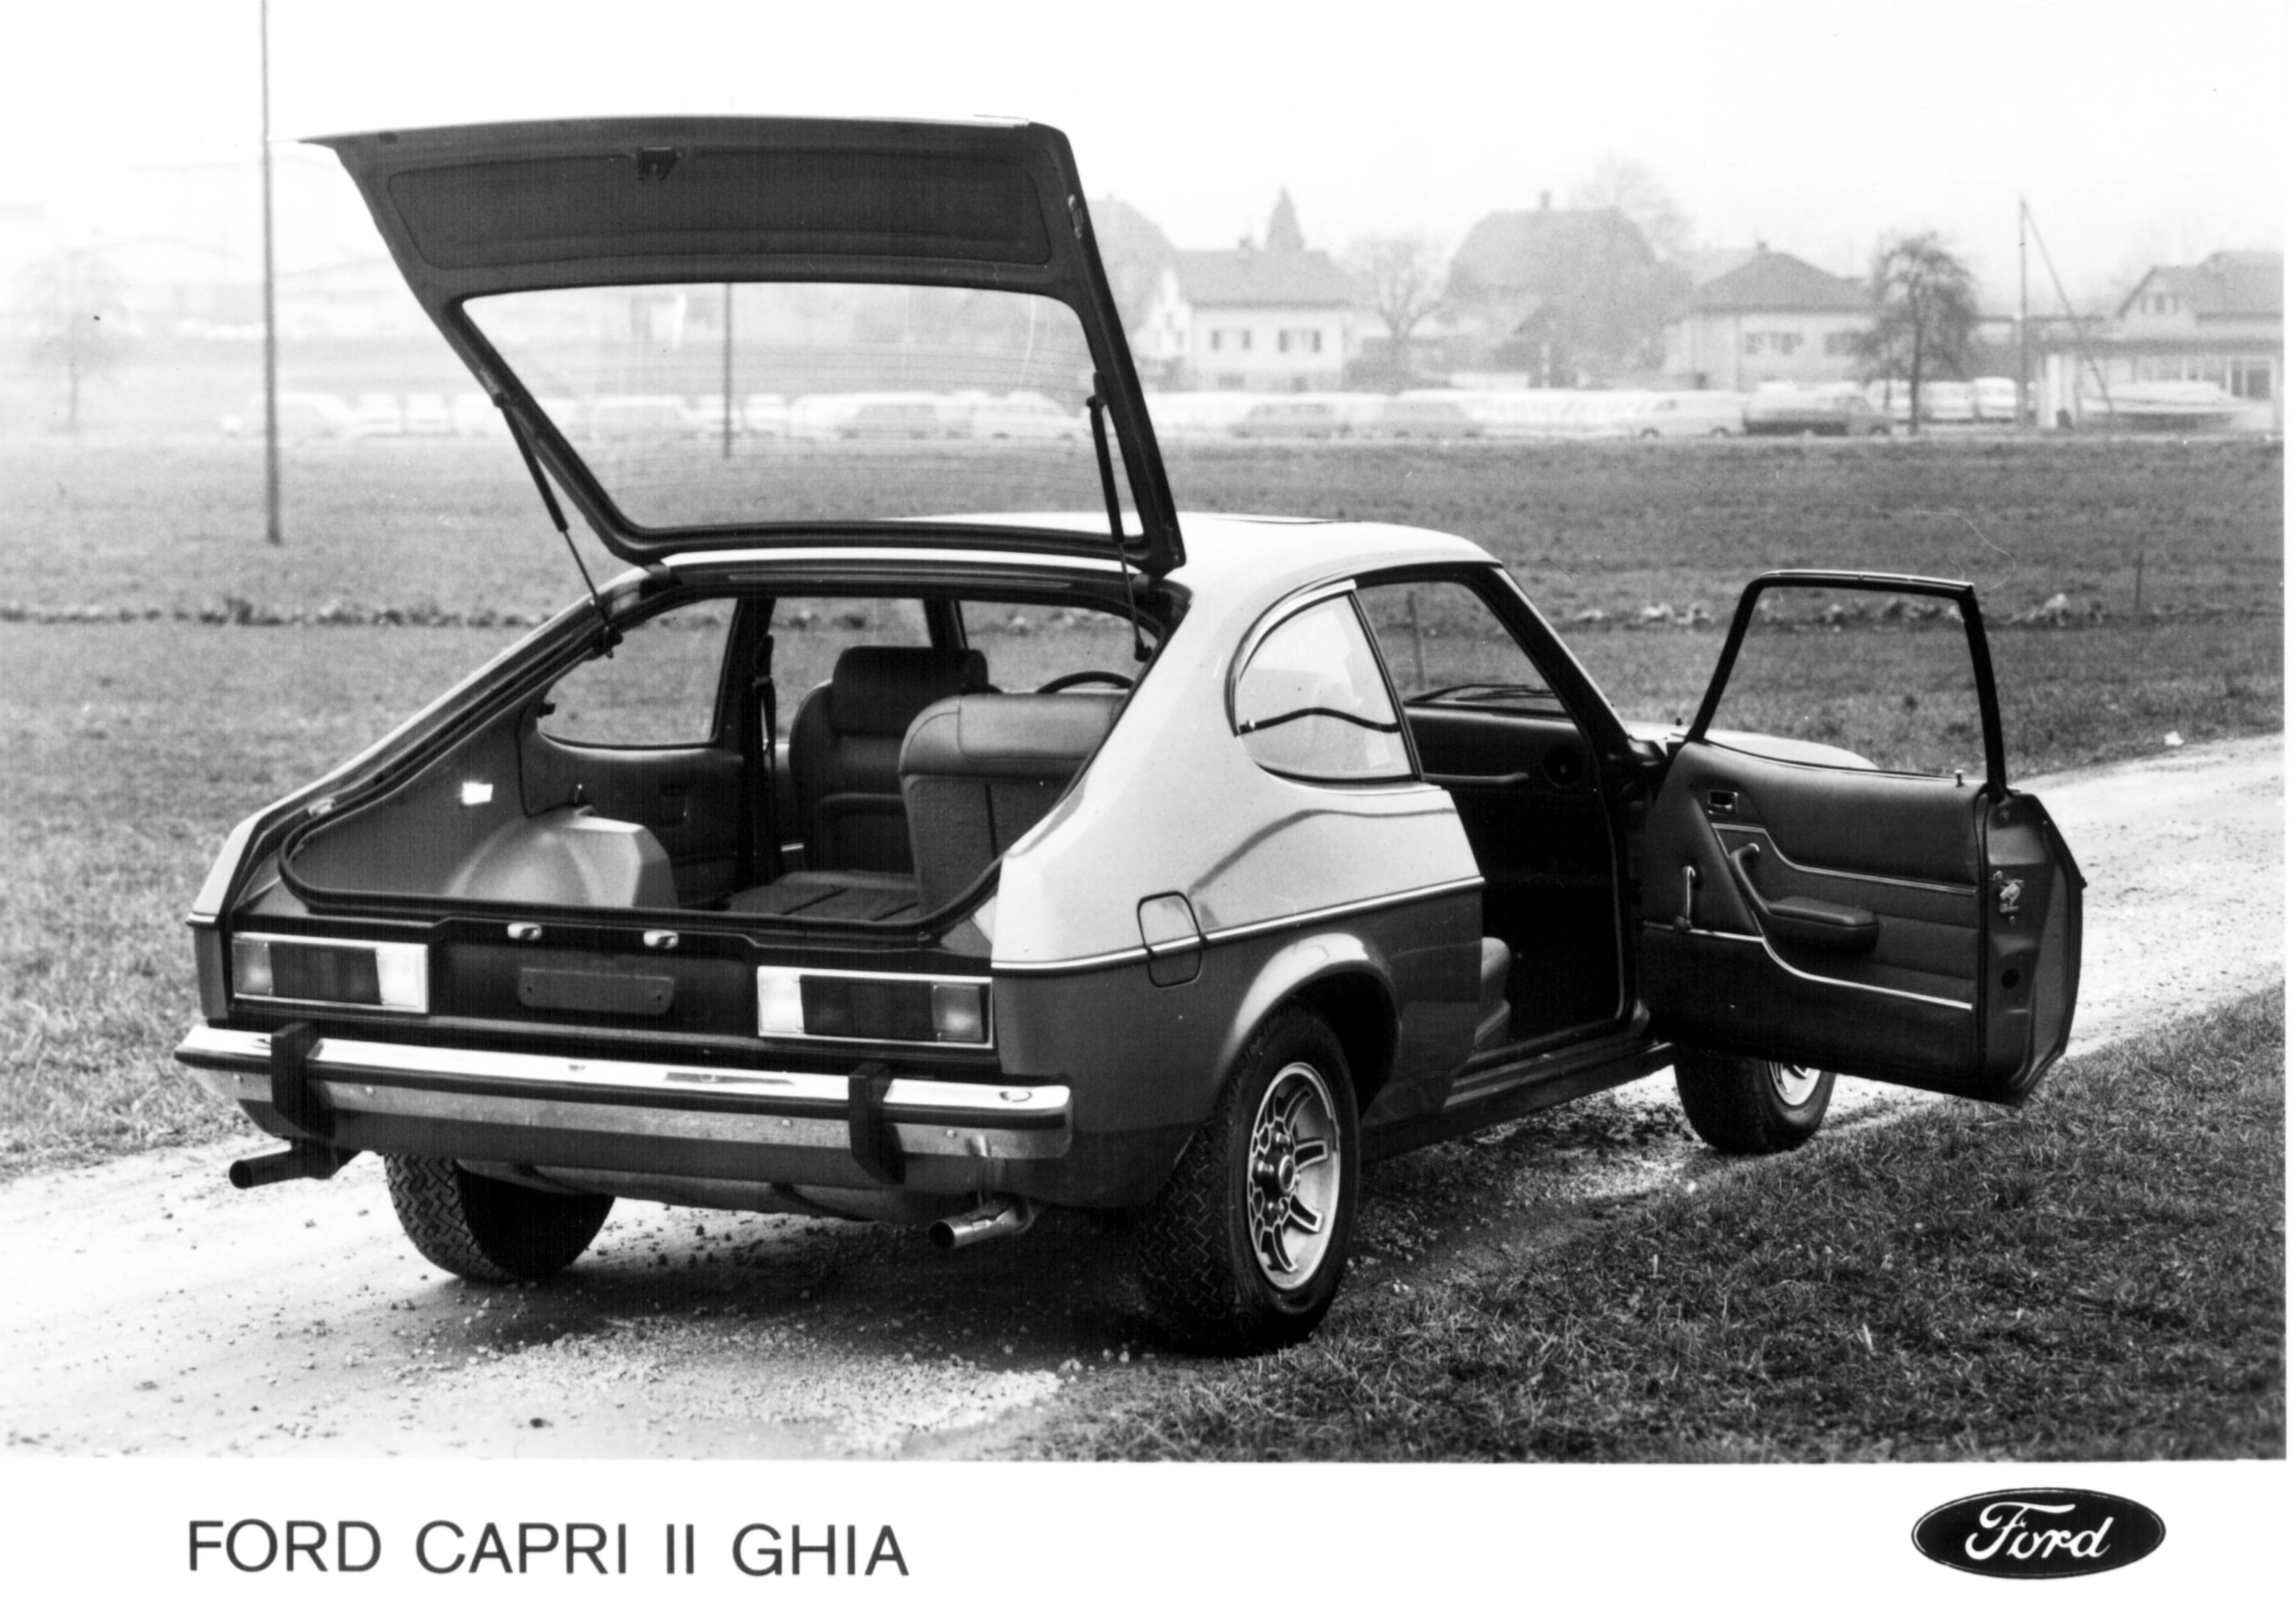 Postkort-FORD-CAPRI-II-GHIA